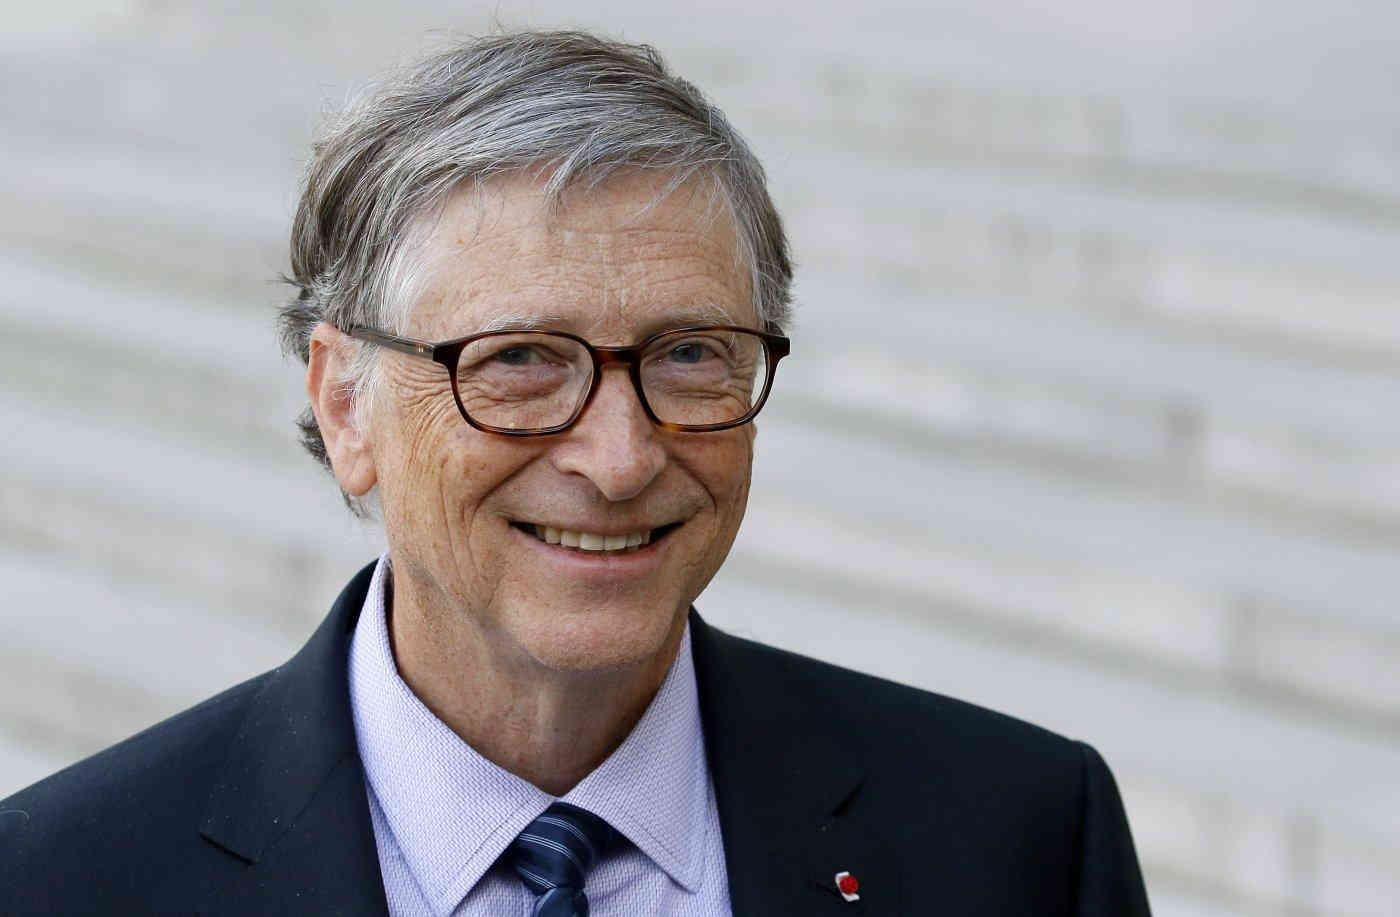 BILL GATES lascia il Cda della Microsoft